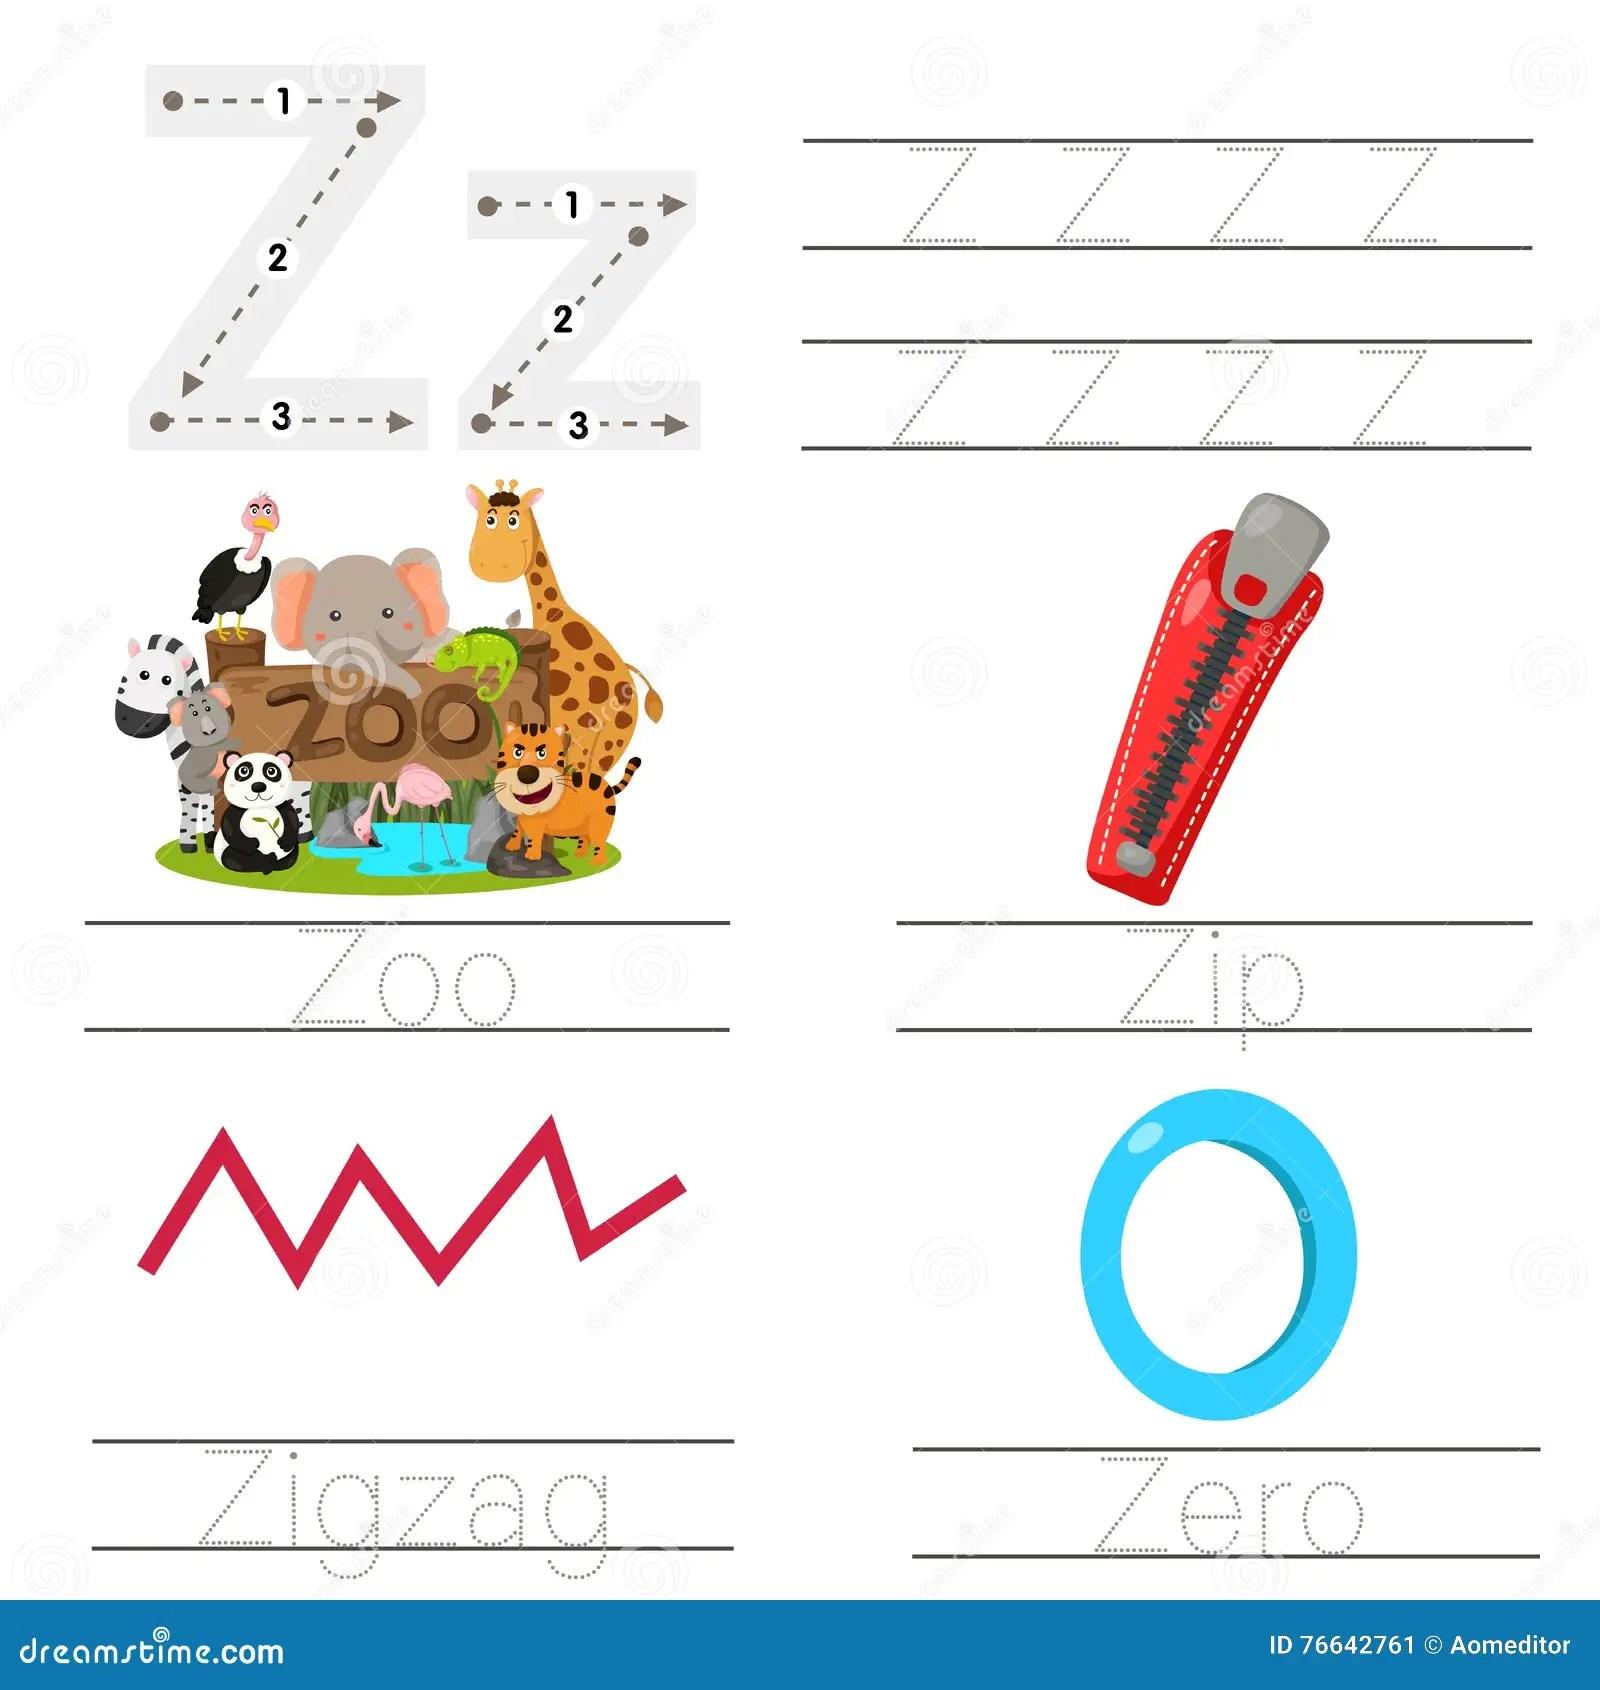 Illustrator Of Worksheet For Children Z Font Stock Vector